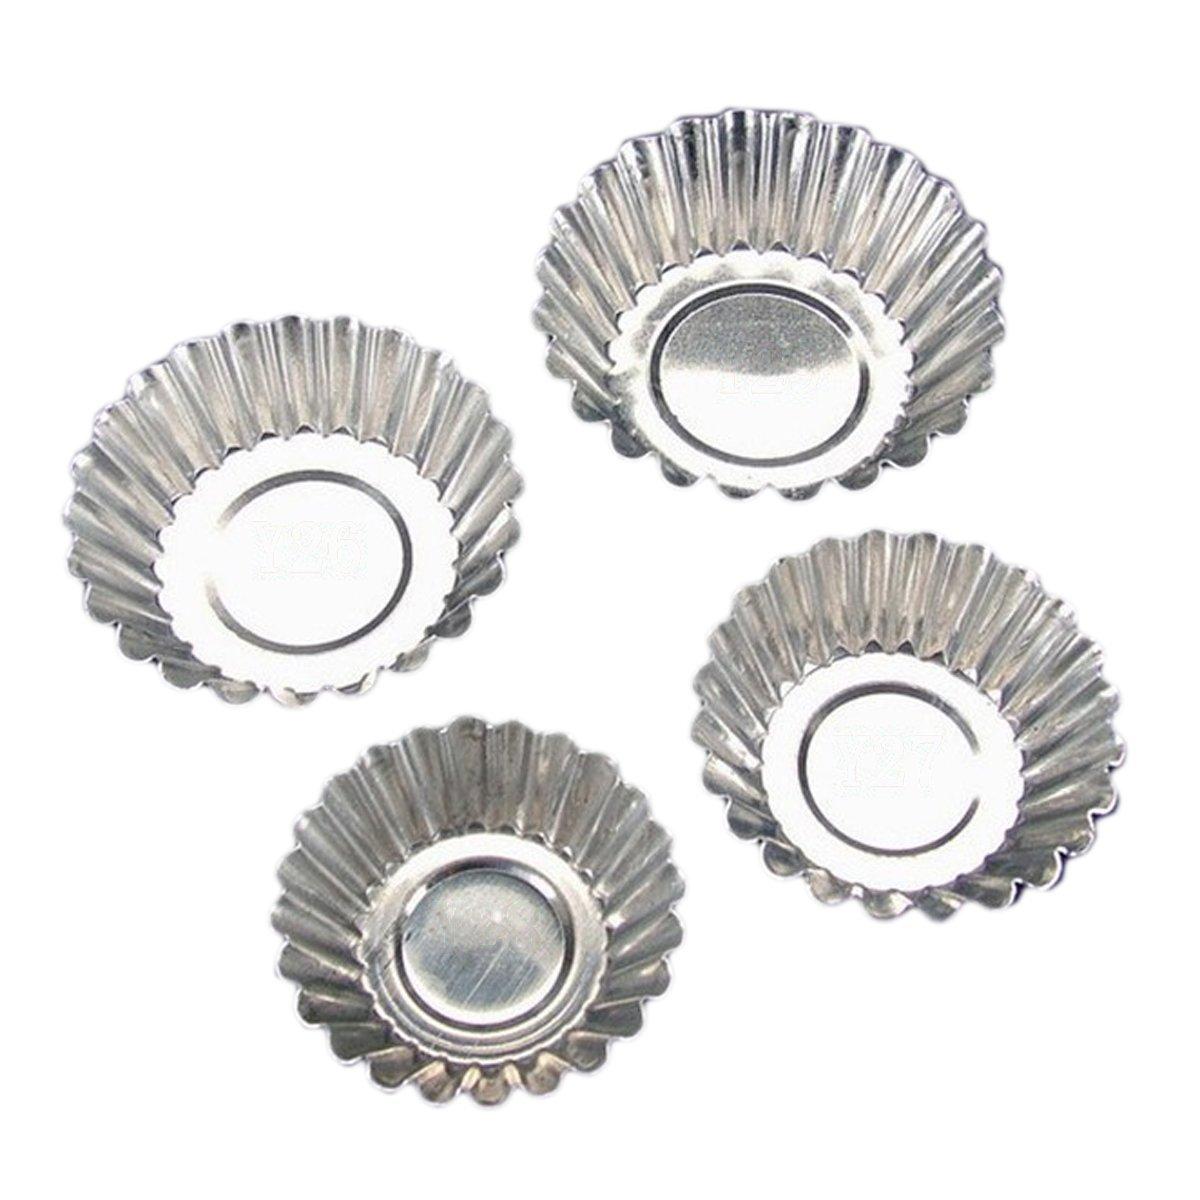 Ssowun Barquettes Aluminium Alimentaires 50 Pièces,Fletion Jetable Œufs à Tarte Tartelettes Moules pour Caissette à Cupcakes Muffins Mini Gâteaux 5.5/6/6.5/7cm